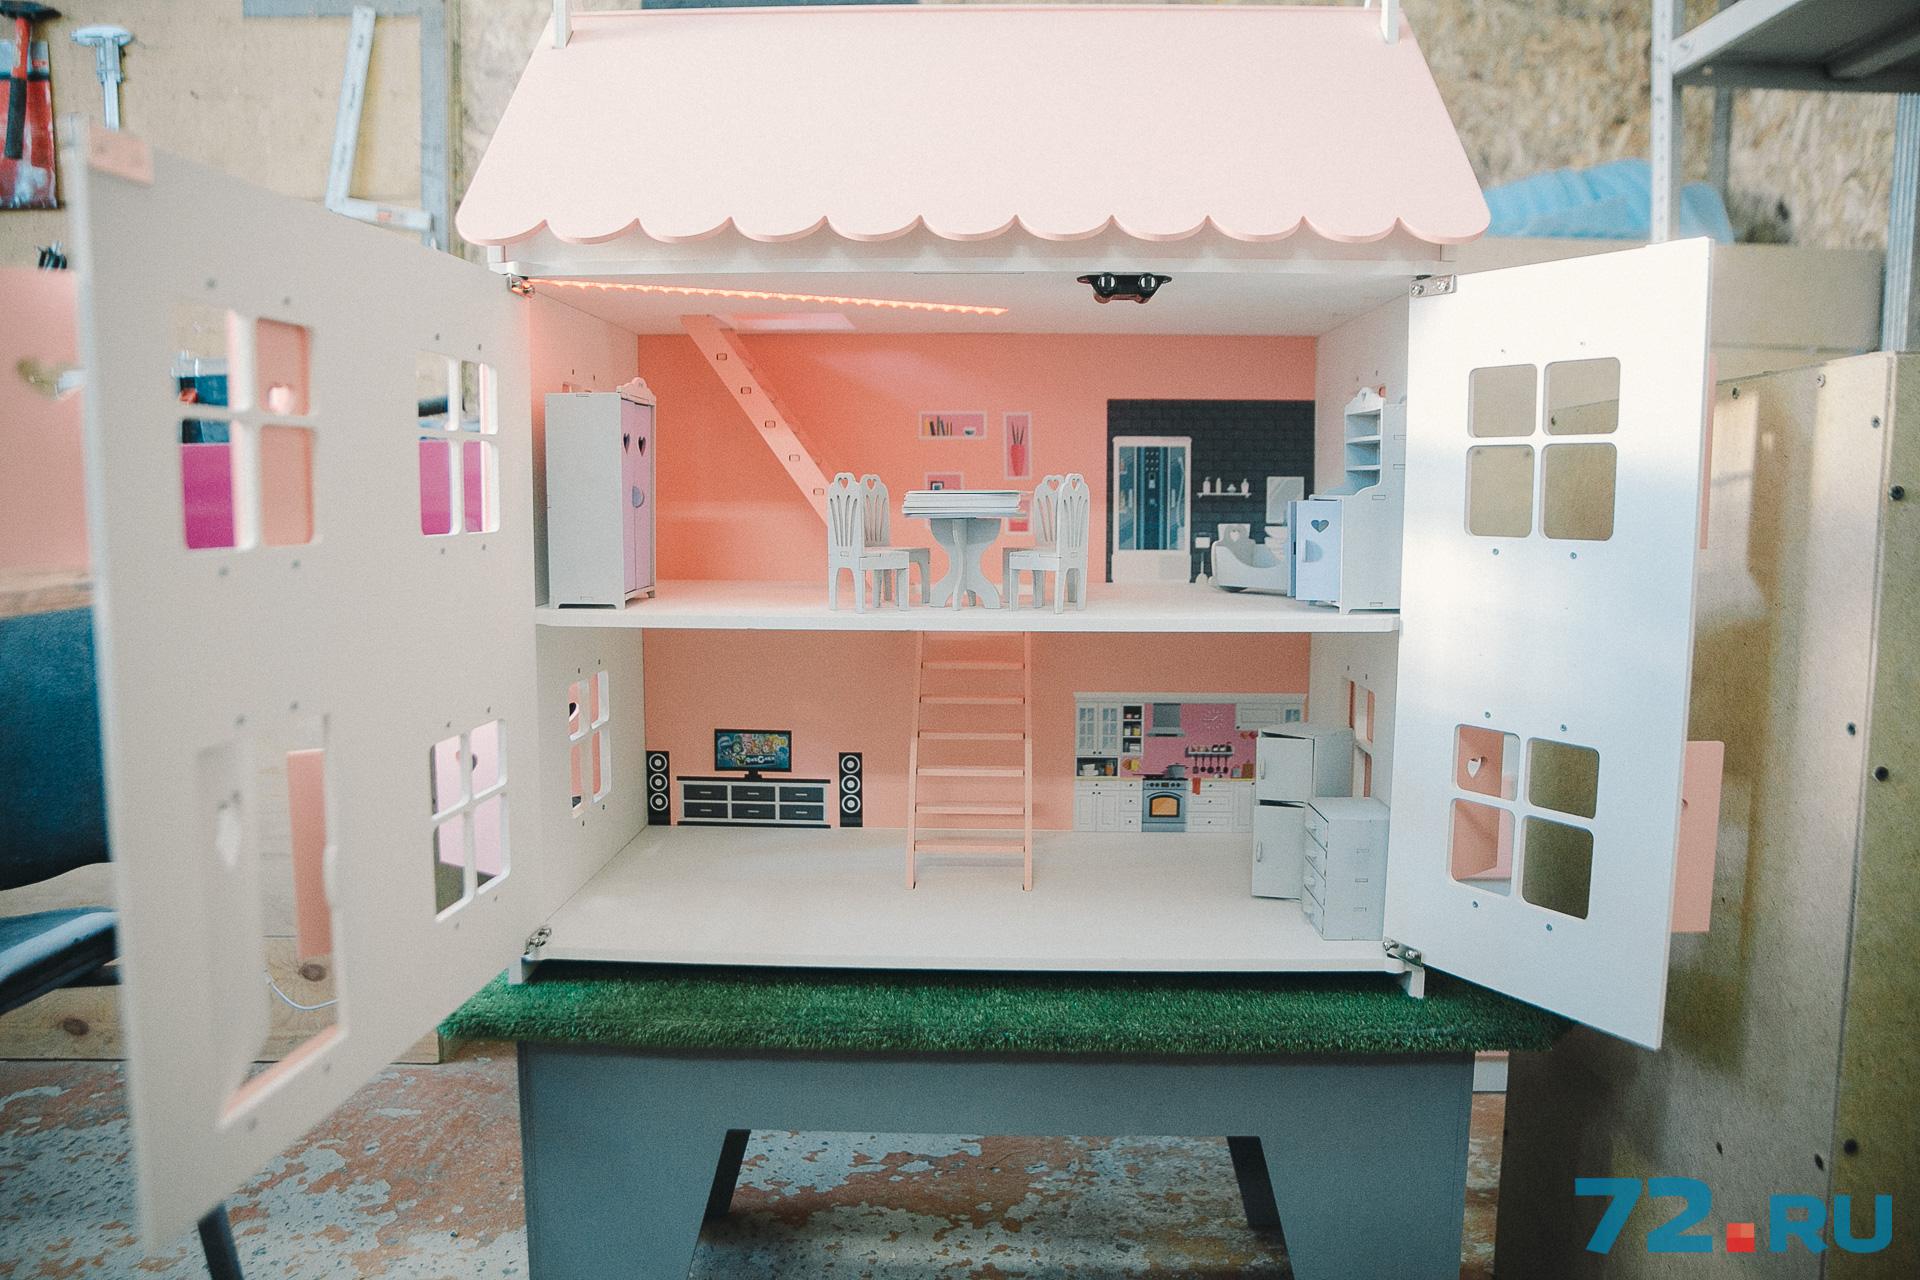 В тюменской мастерской делают домики высотой до 96 сантиметров. Скоро планируют построить 130-сантиметровый замок для Барби